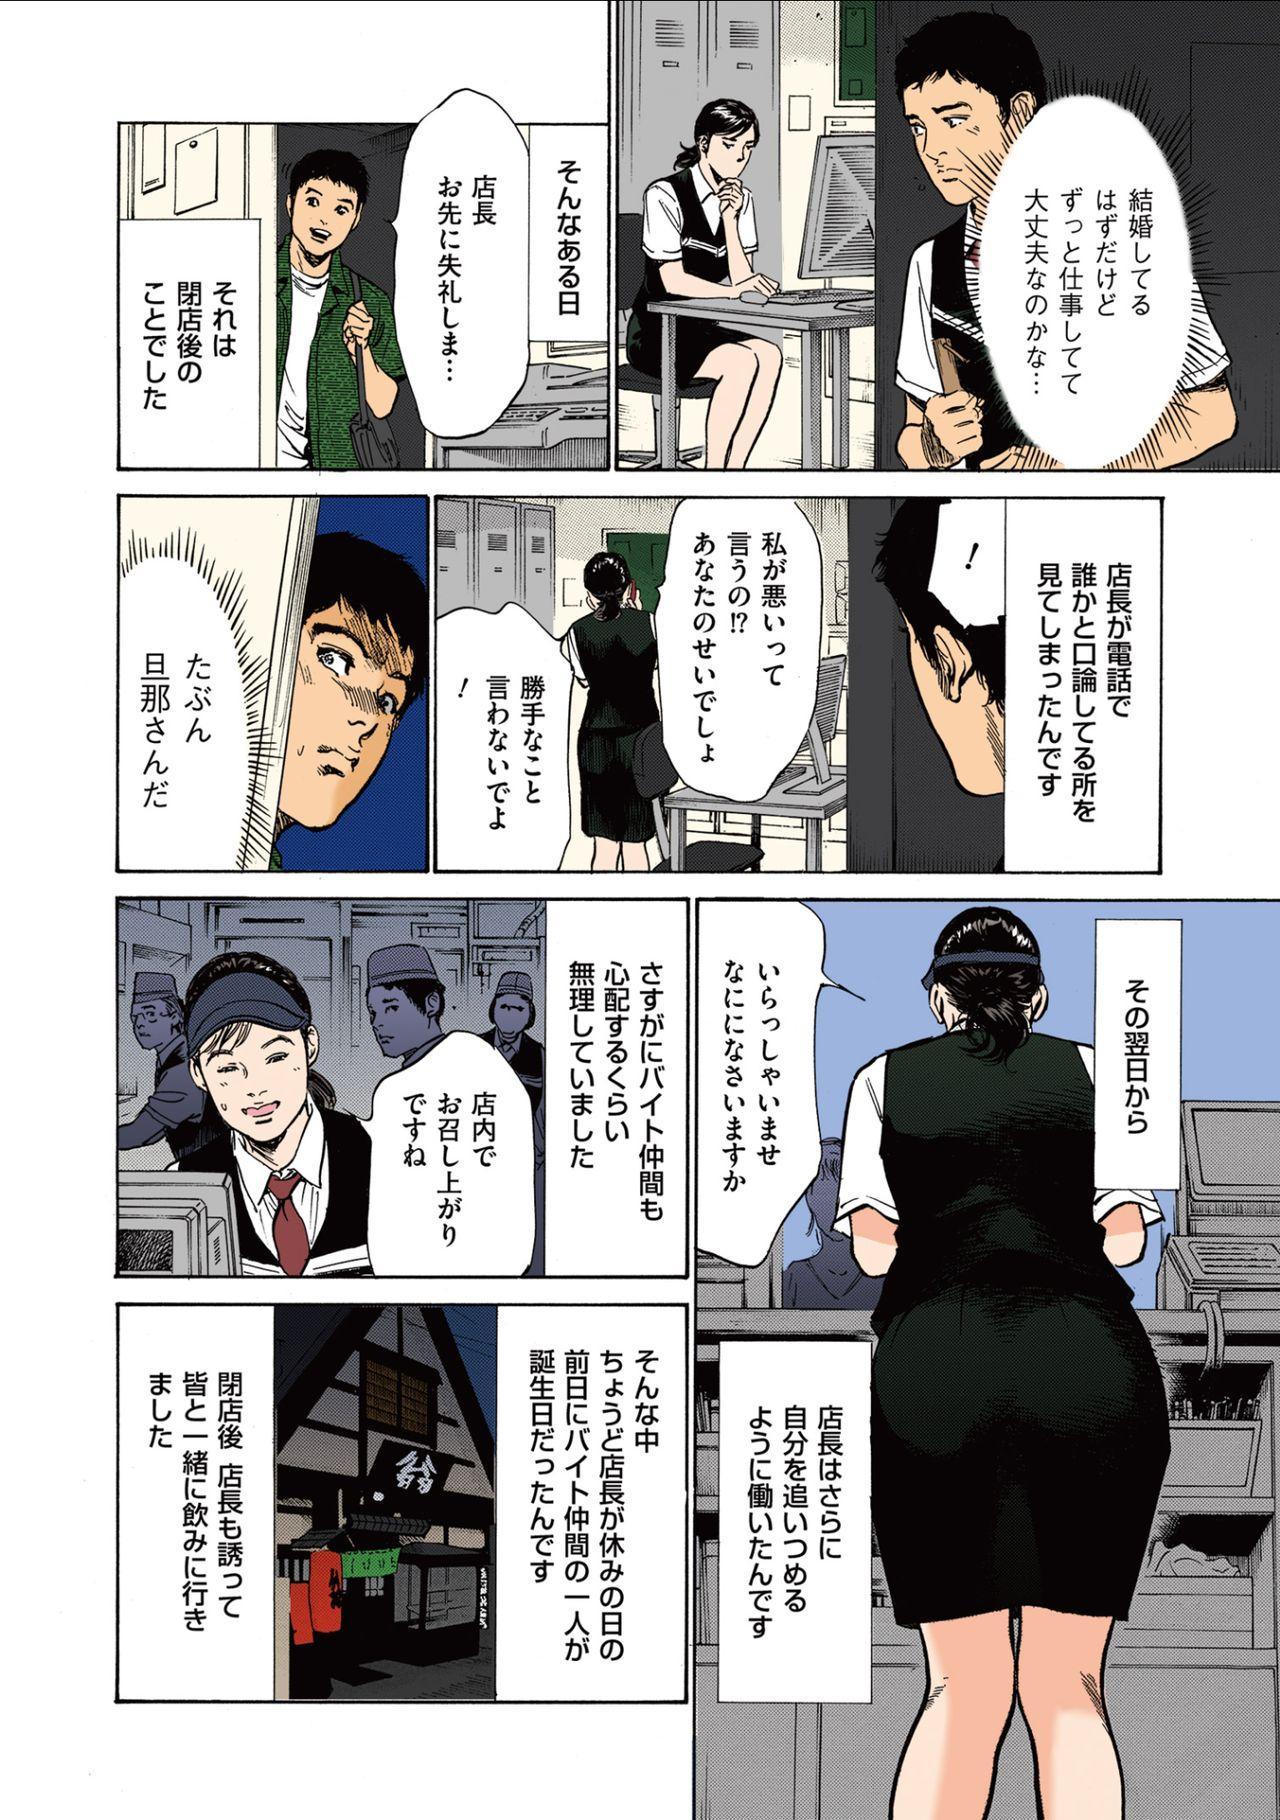 [Hazuki Kaoru] Hazuki Kaoru no Tamaranai Hanashi (Full Color Version) 1-2 71